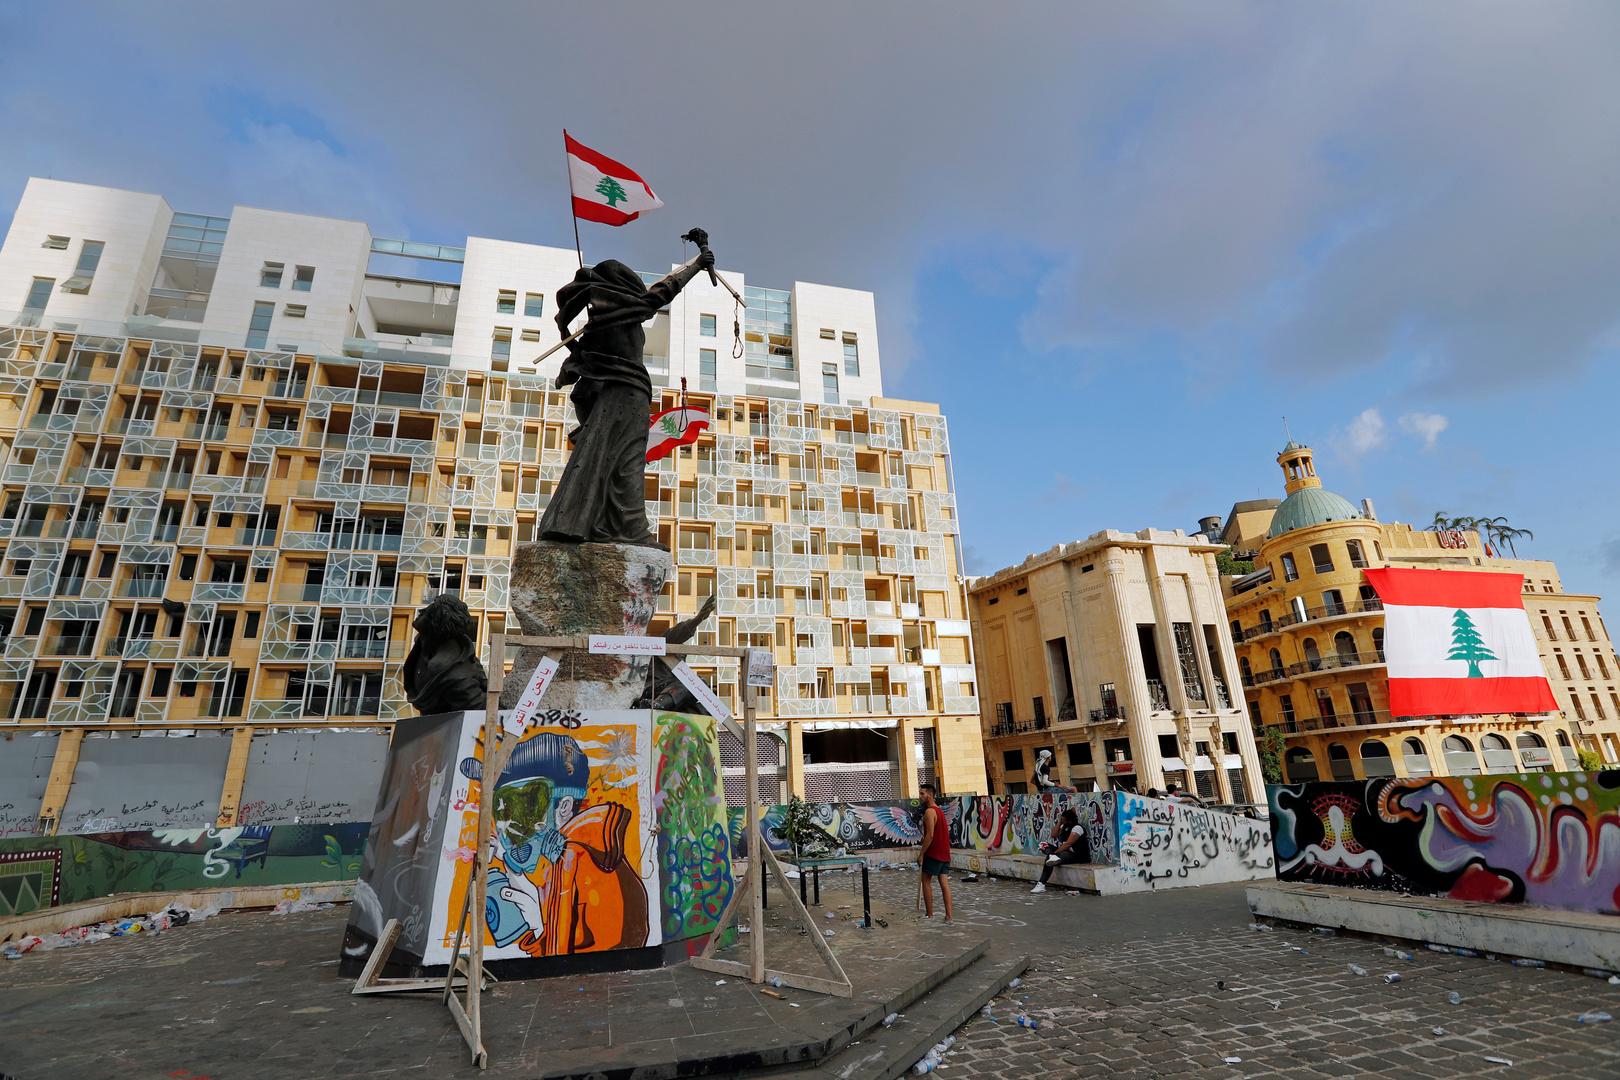 ساحة الشهداء، وسط بيروت